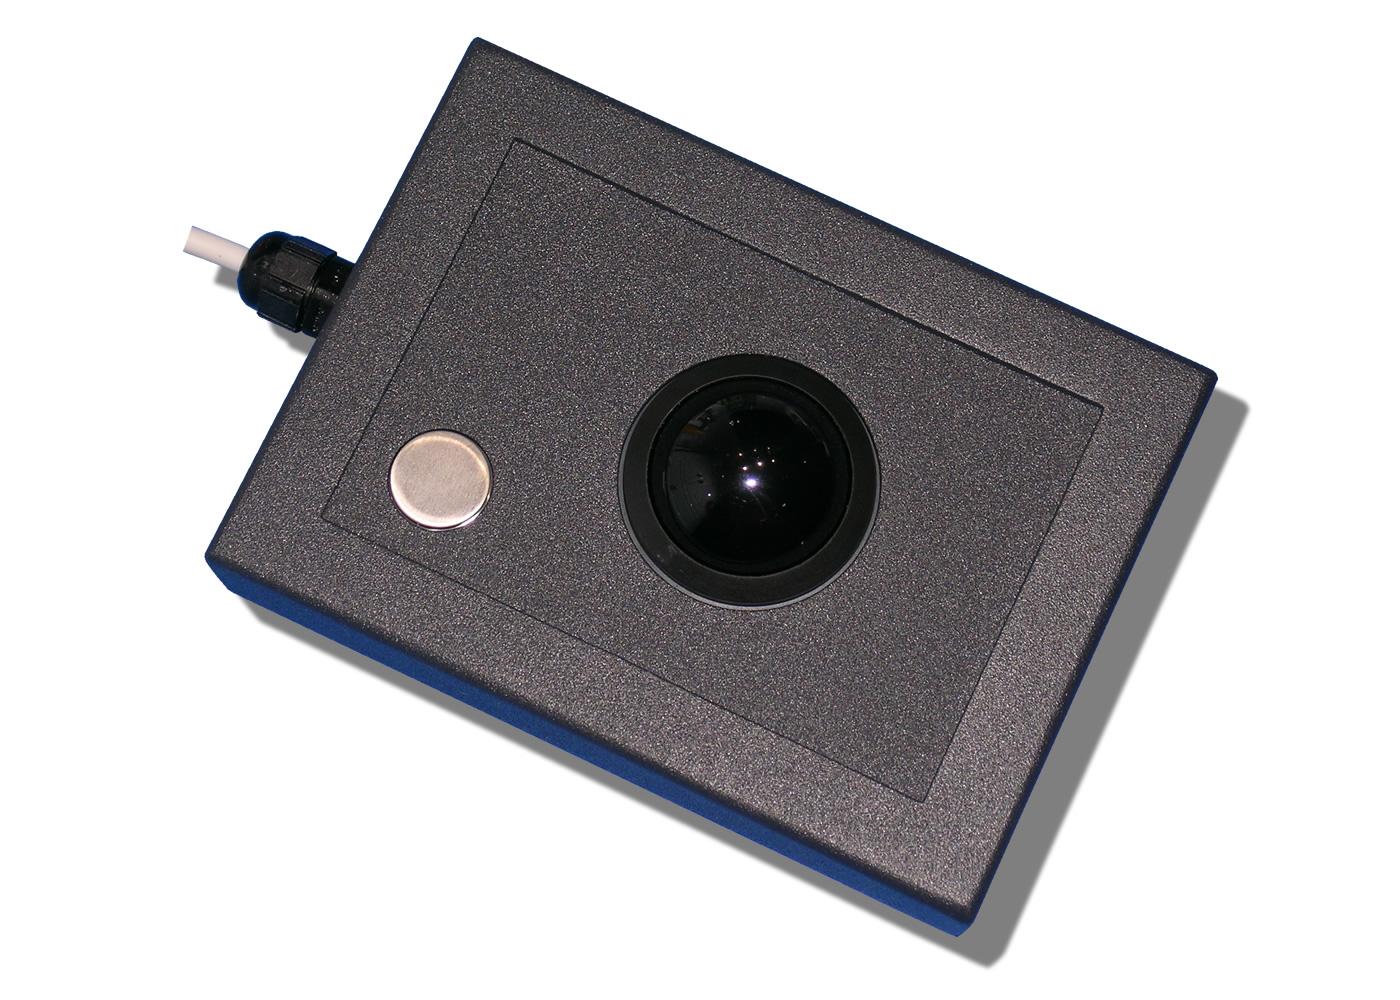 Trackball 38mm industrielle 1 bouton en boitier de table